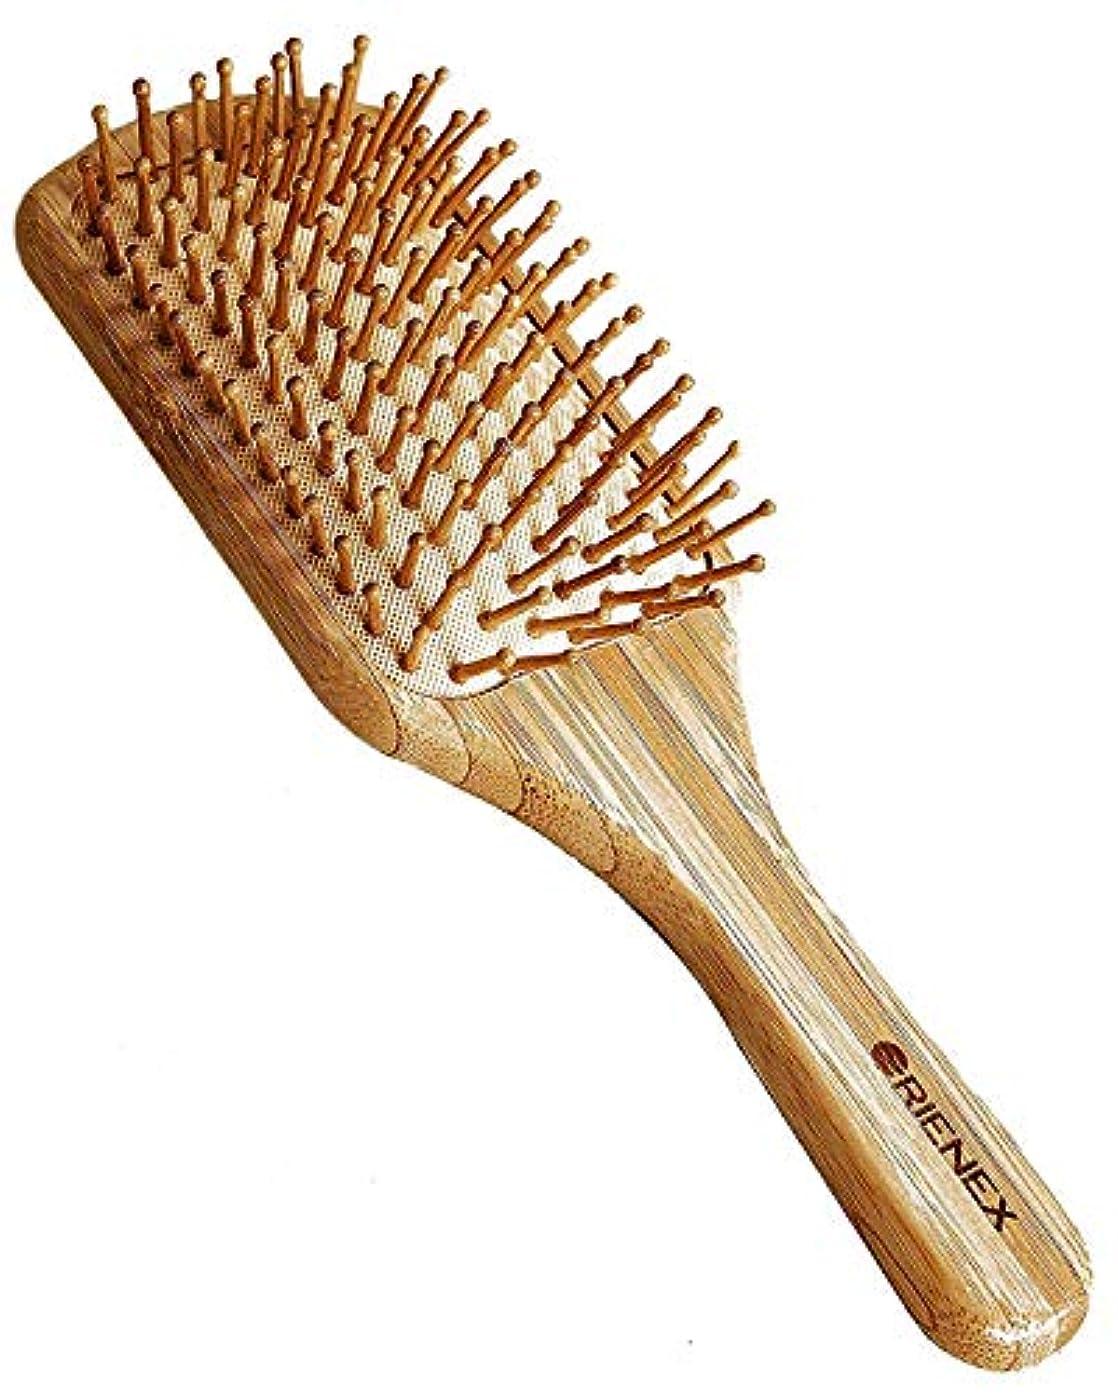 その結果回転するスコットランド人Orienex ヘアブラシ 木製櫛 美髪ケア 頭皮&肩&顔マッサージ(大)